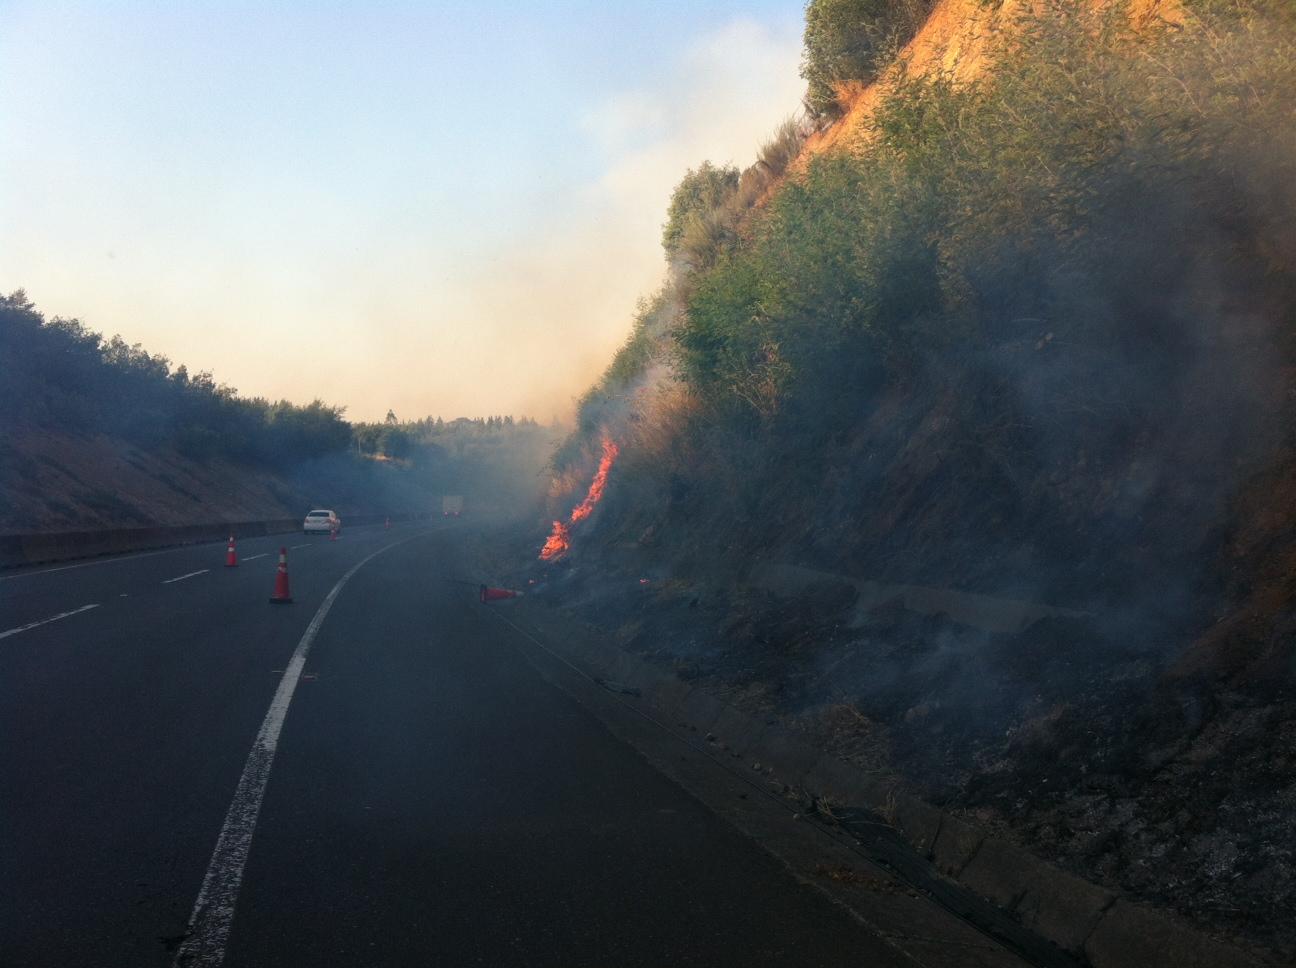 Incendio forestal | Constanza Reyes (RBB)